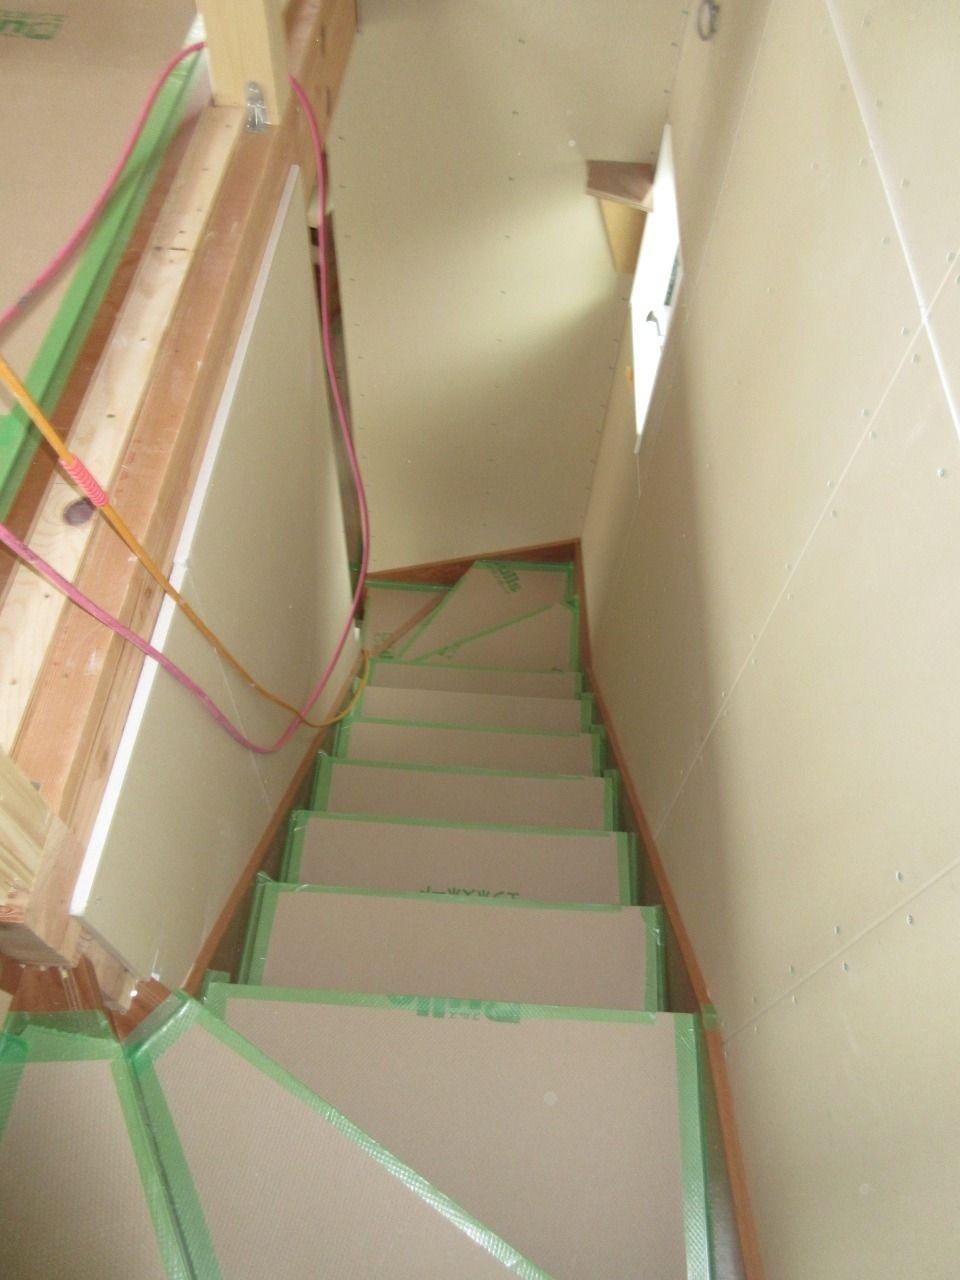 みなさまこんにちは。 徳丸3丁目の新築戸建現場の状況報告です。 建物3階まで階段が繋がりました。